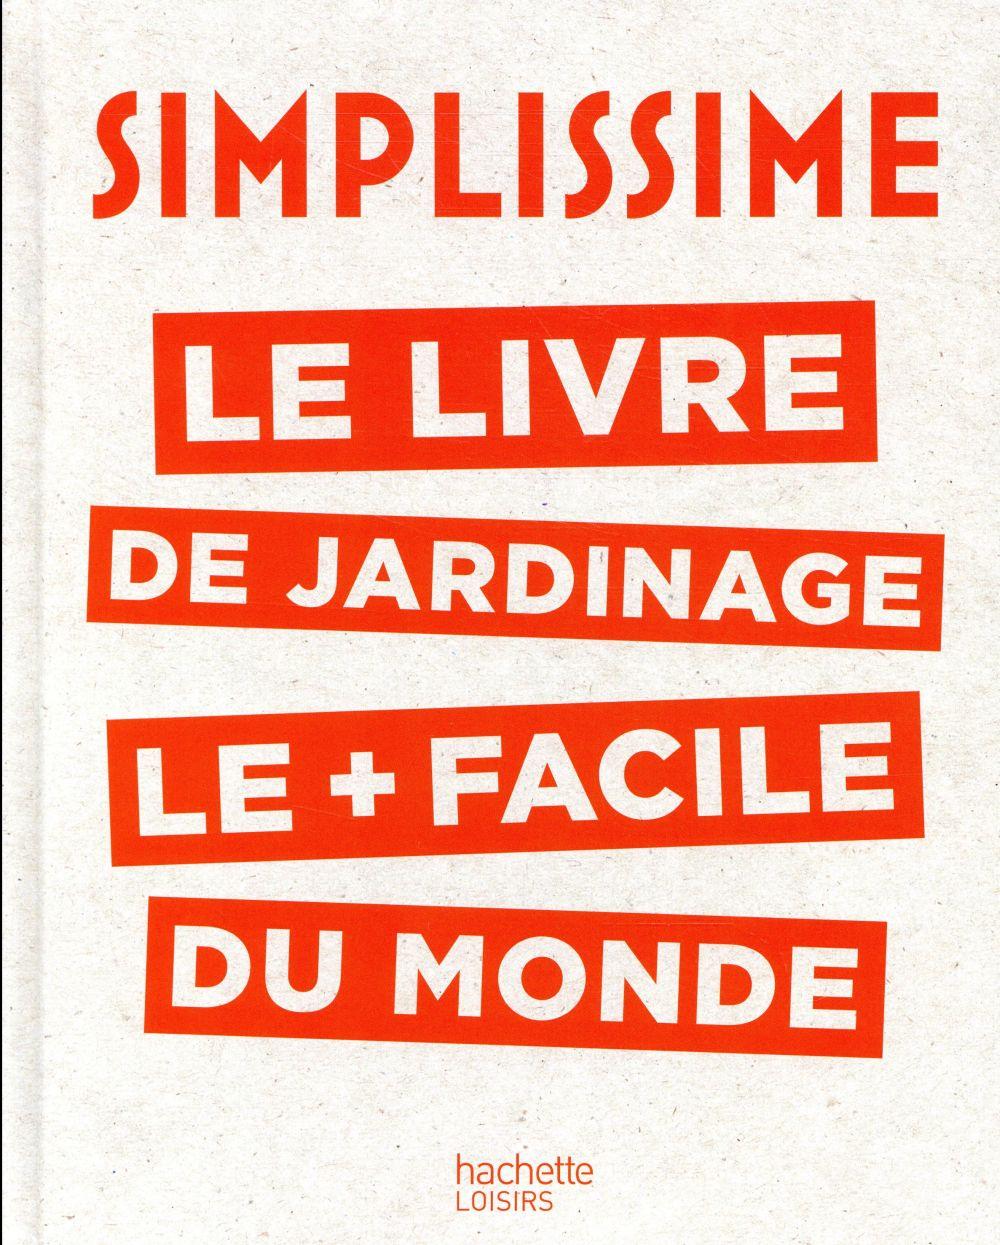 Simplissime ; le livre de jardinage le + facile du monde